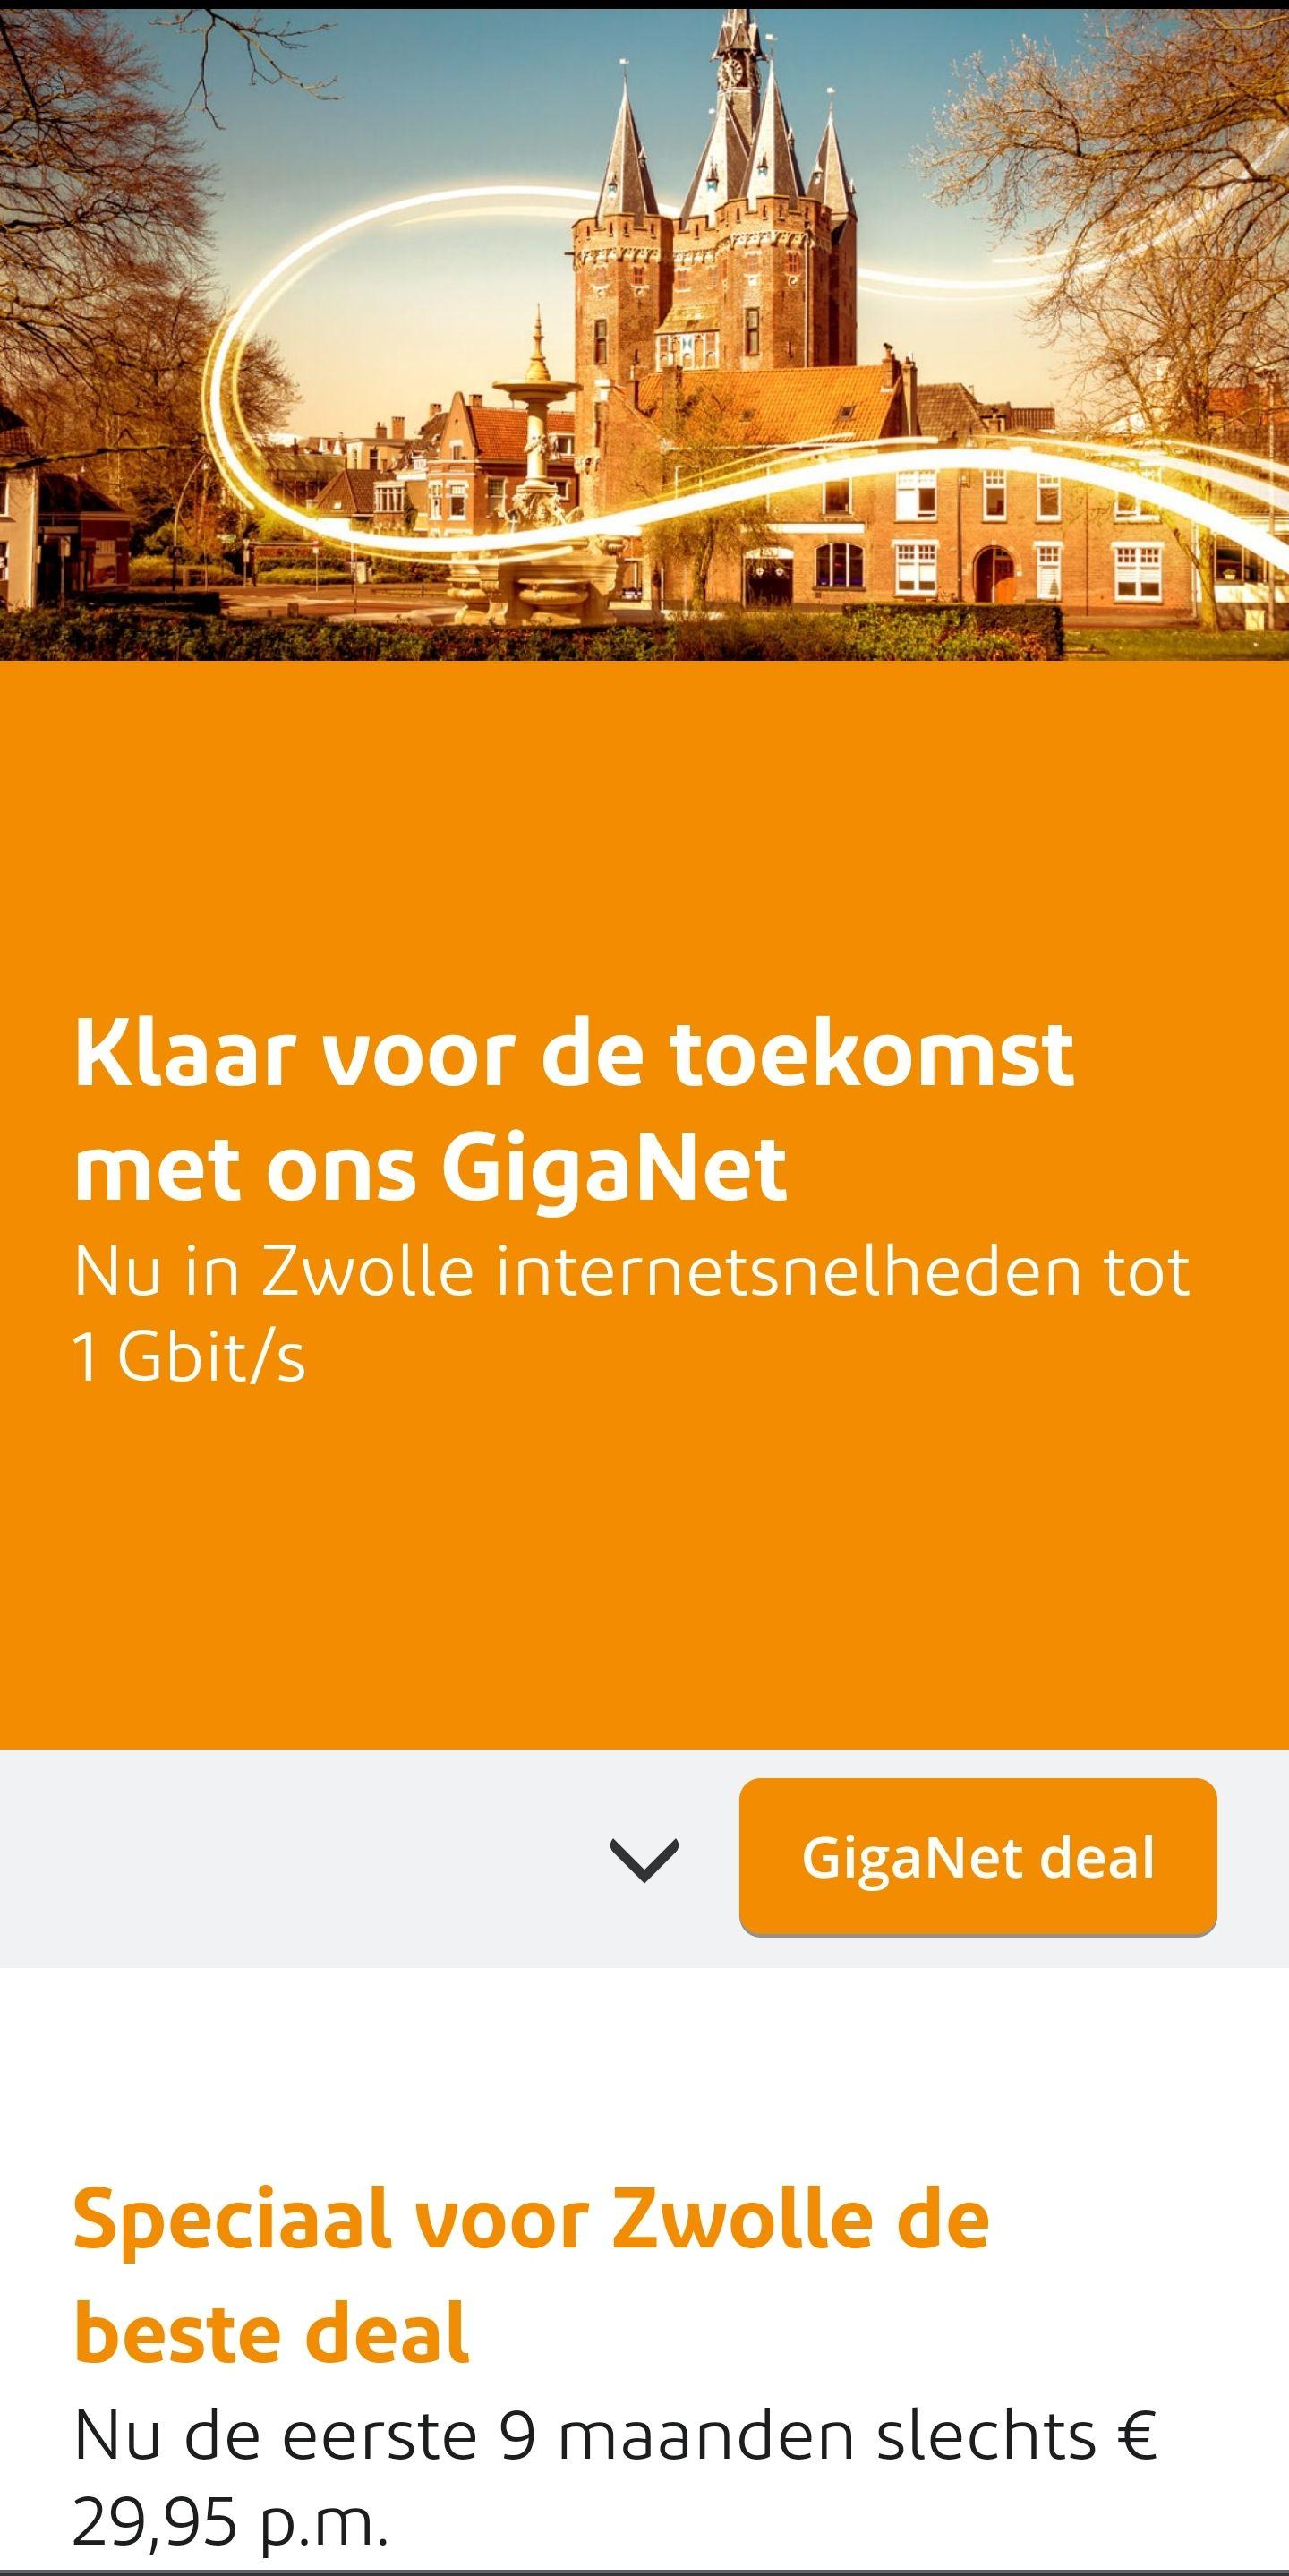 [Lokaal: Zwolle] Ziggo Giganet deal: 1Gbit/s 9 maanden voor €29.95, daarna €99.95